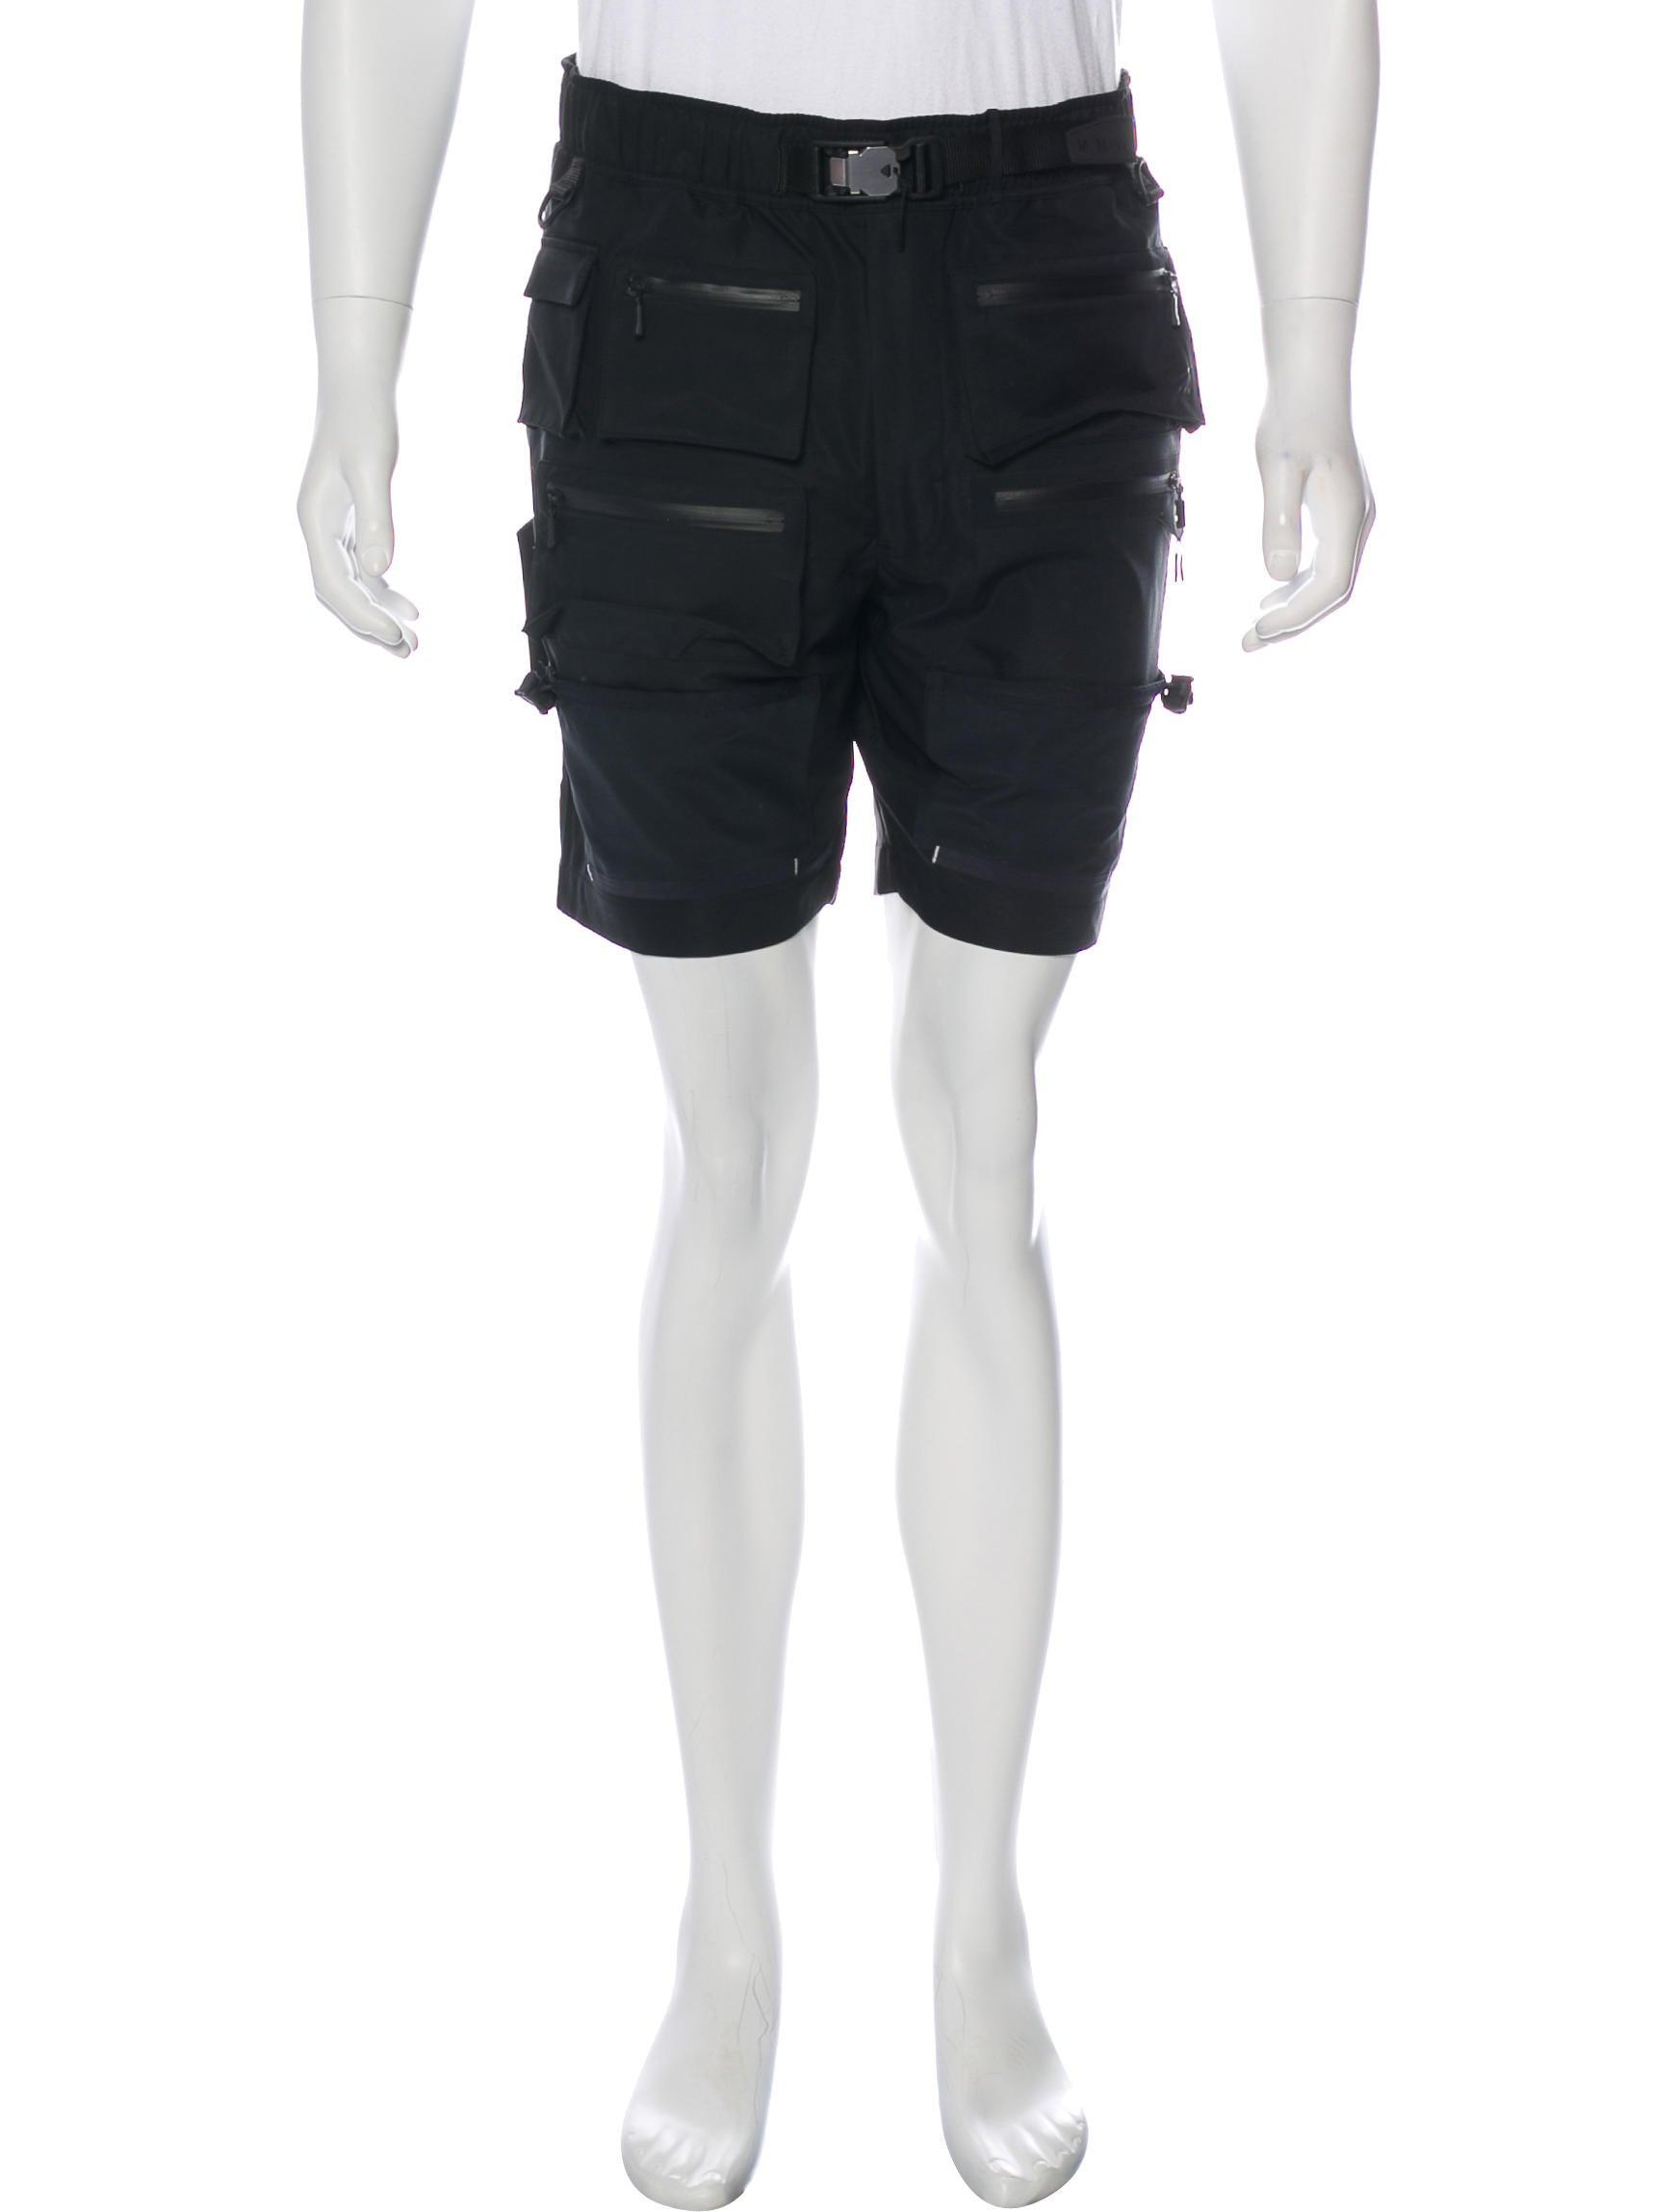 mmw x nike shorts